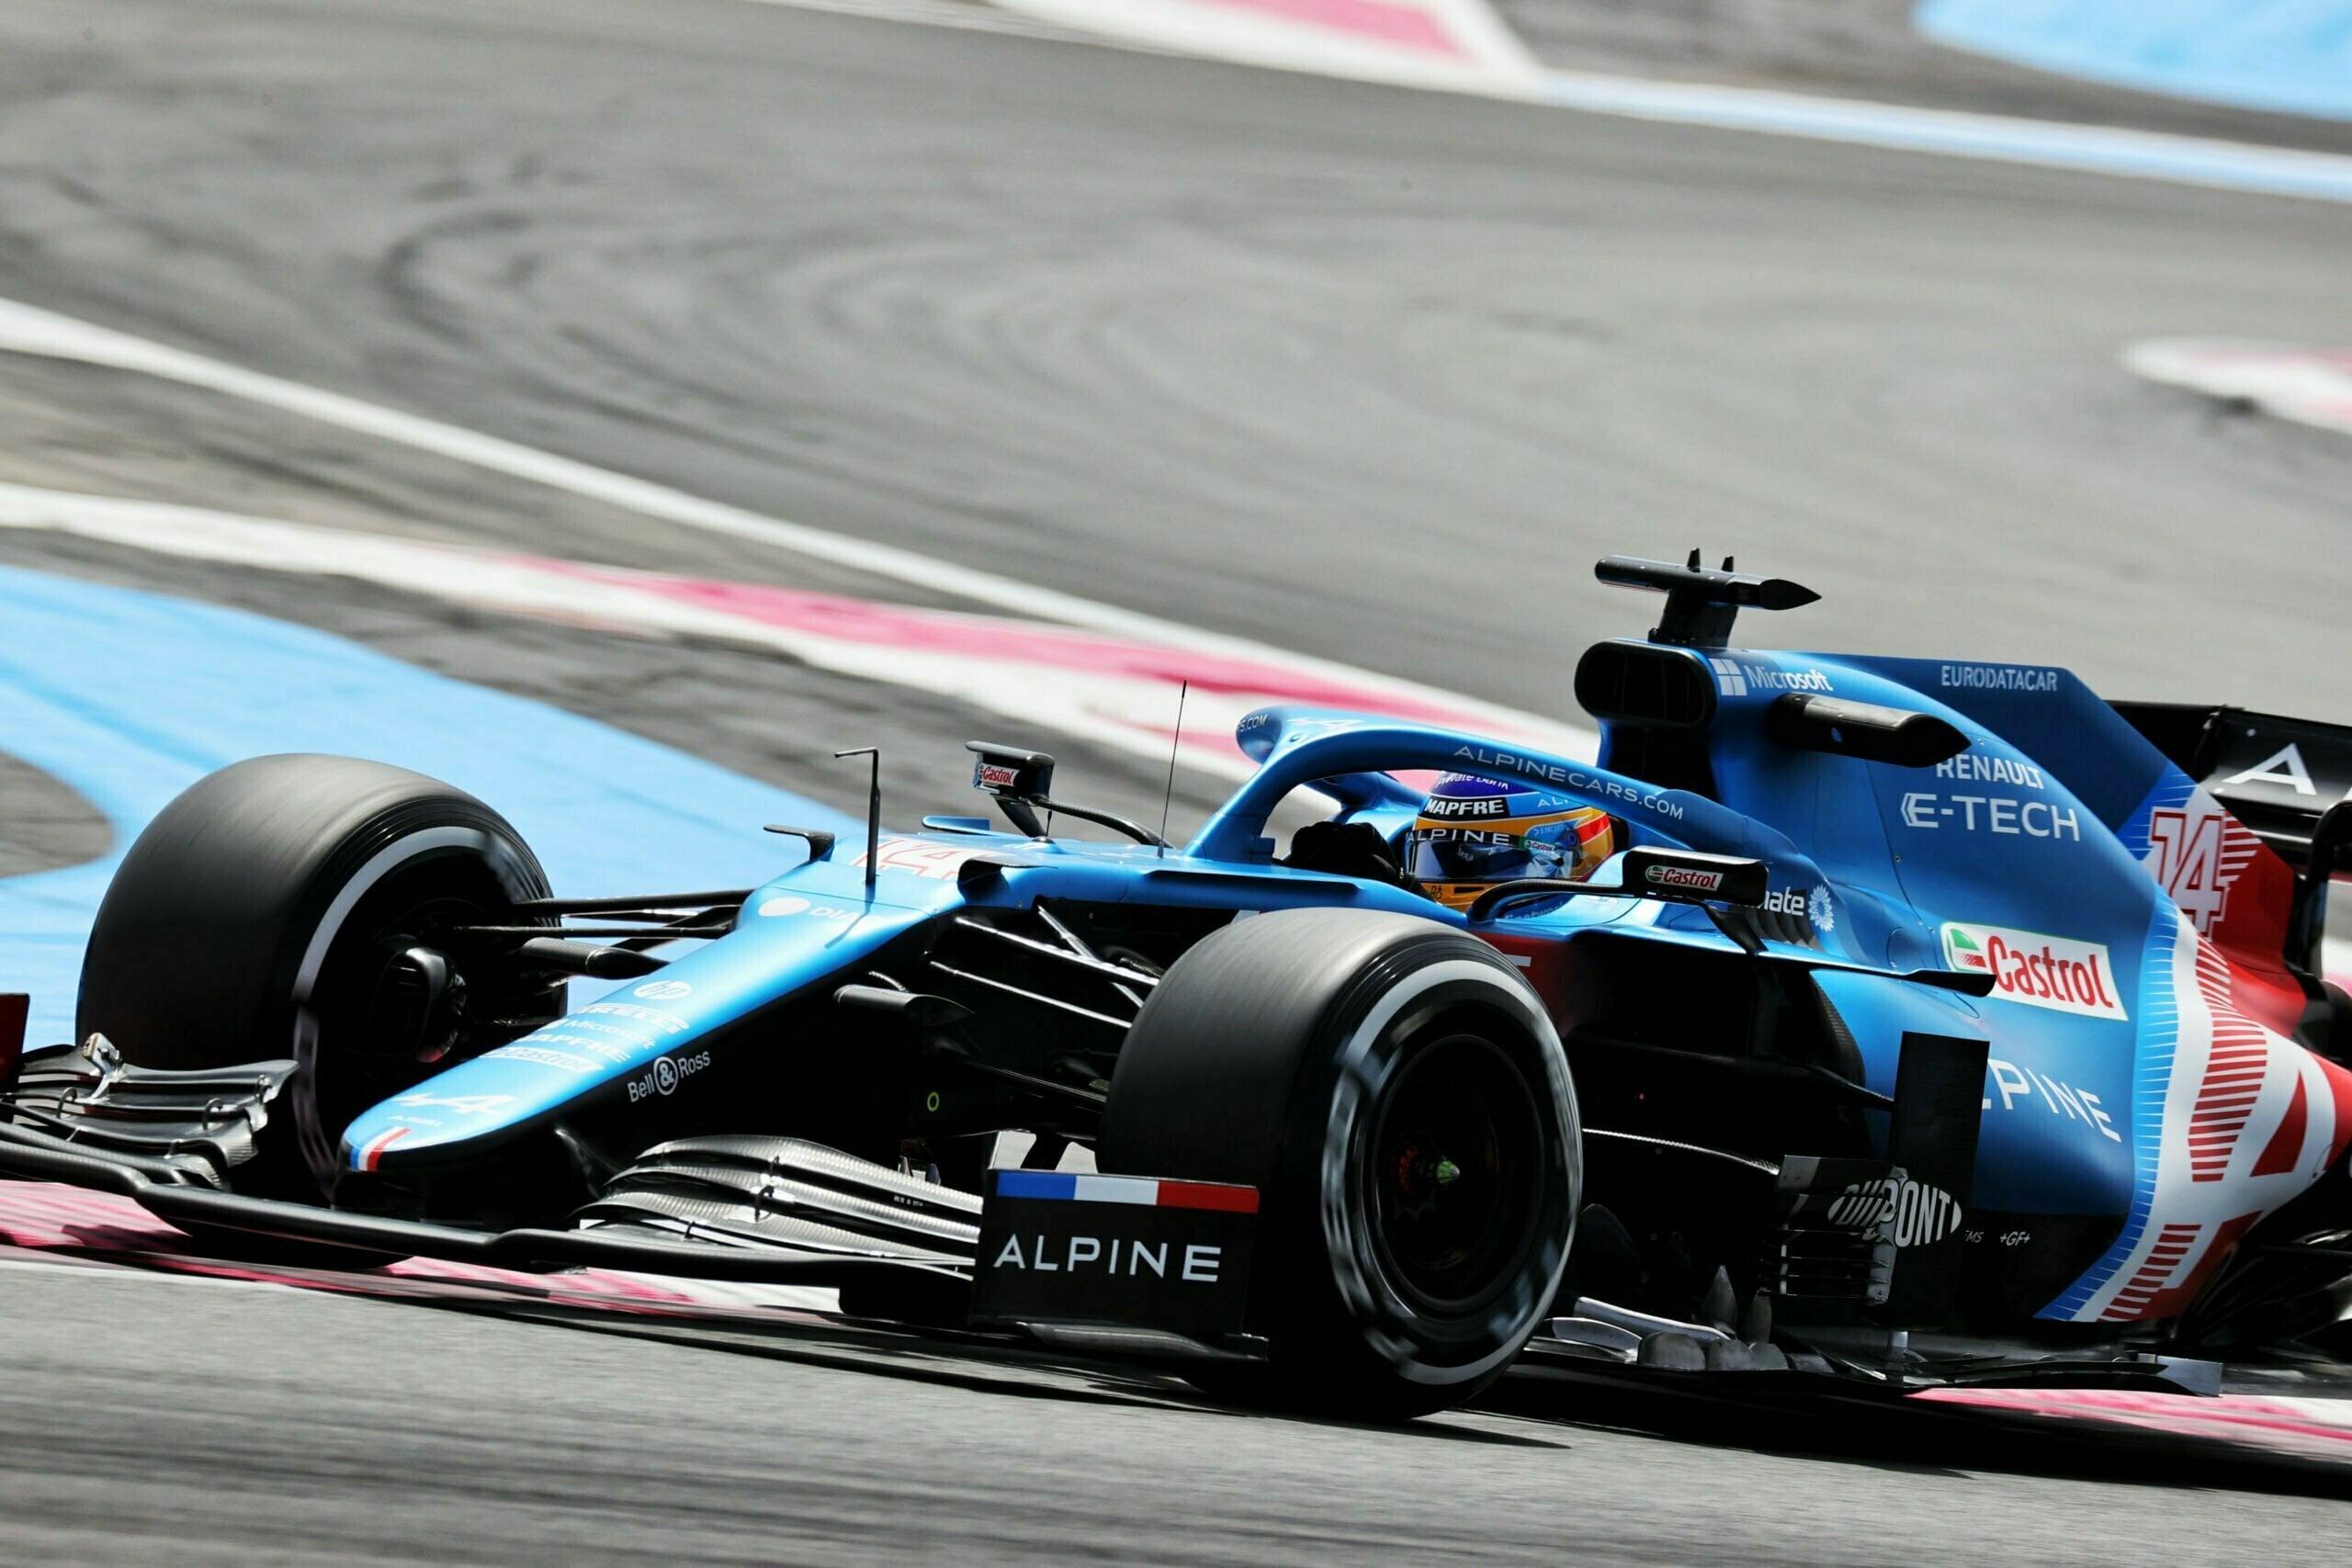 Alpine F1 Alonso Ocon A521 Castellet Paul Ricard 2021 12 scaled | Alpine F1 : des essais convaincants au Grand Prix Emirates de France